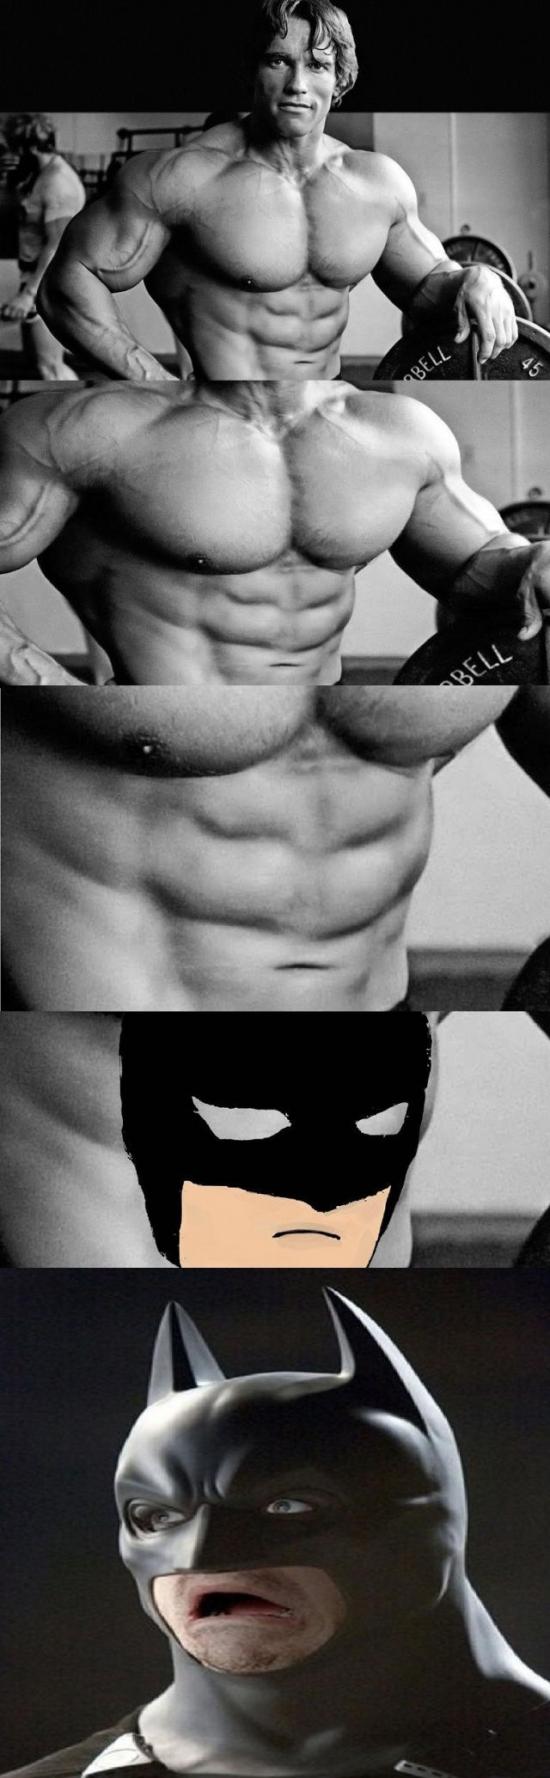 Otros - Esos abdominales me recuerdan a alguien...